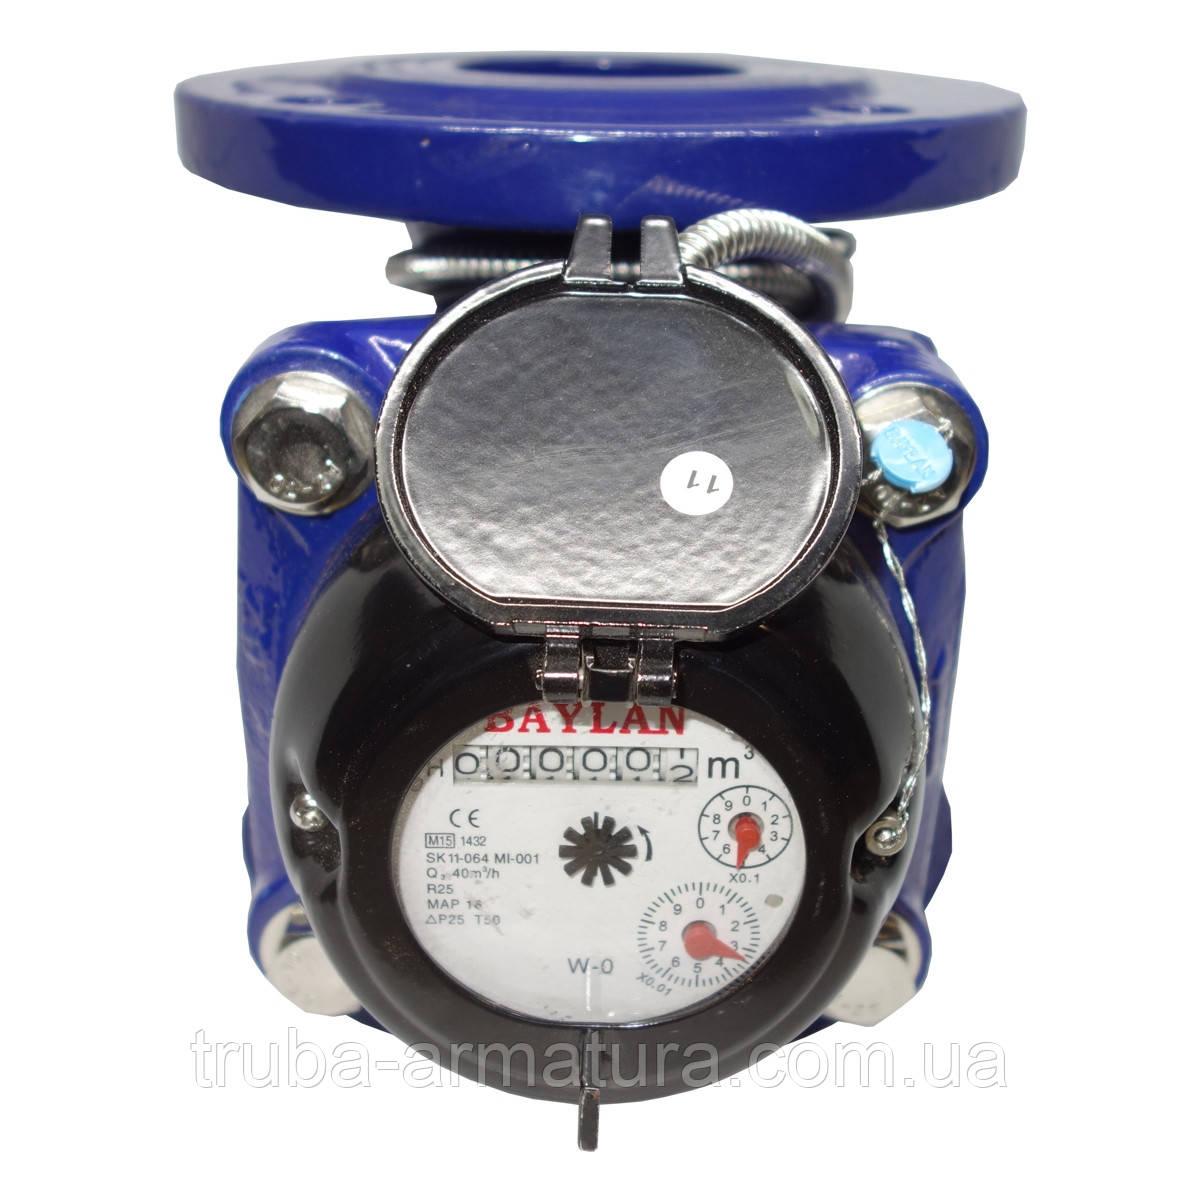 Ирригационный счетчик холодной воды Baylan (IP68) W-1i Dn80